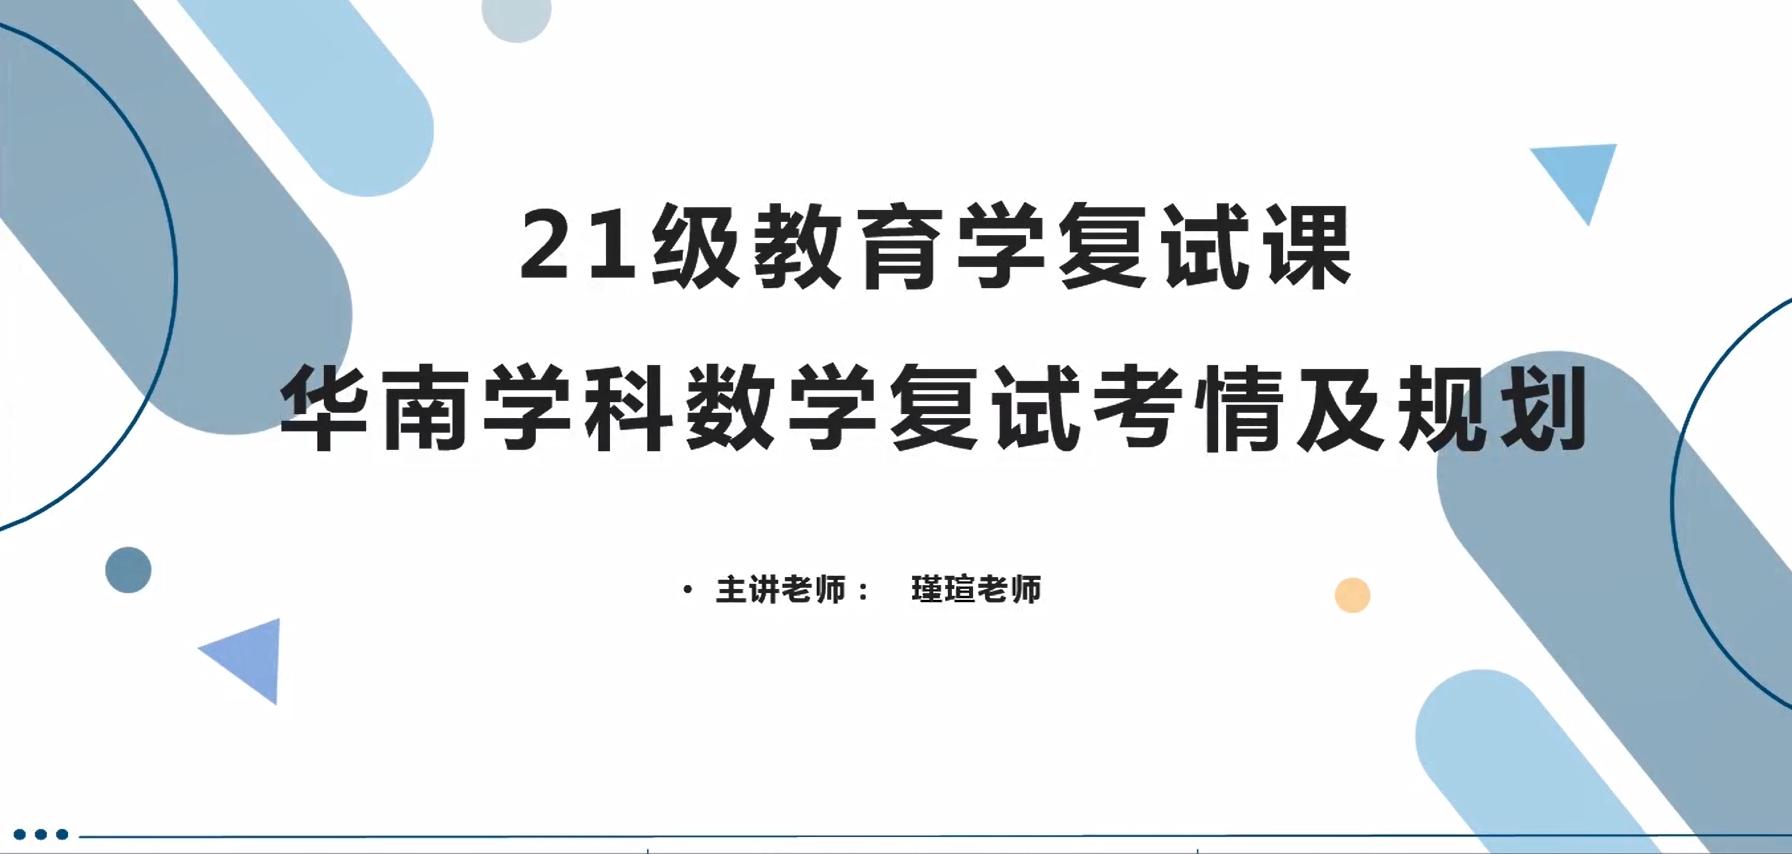 2021教育学考研之华南数学-复试考情及规划(上)